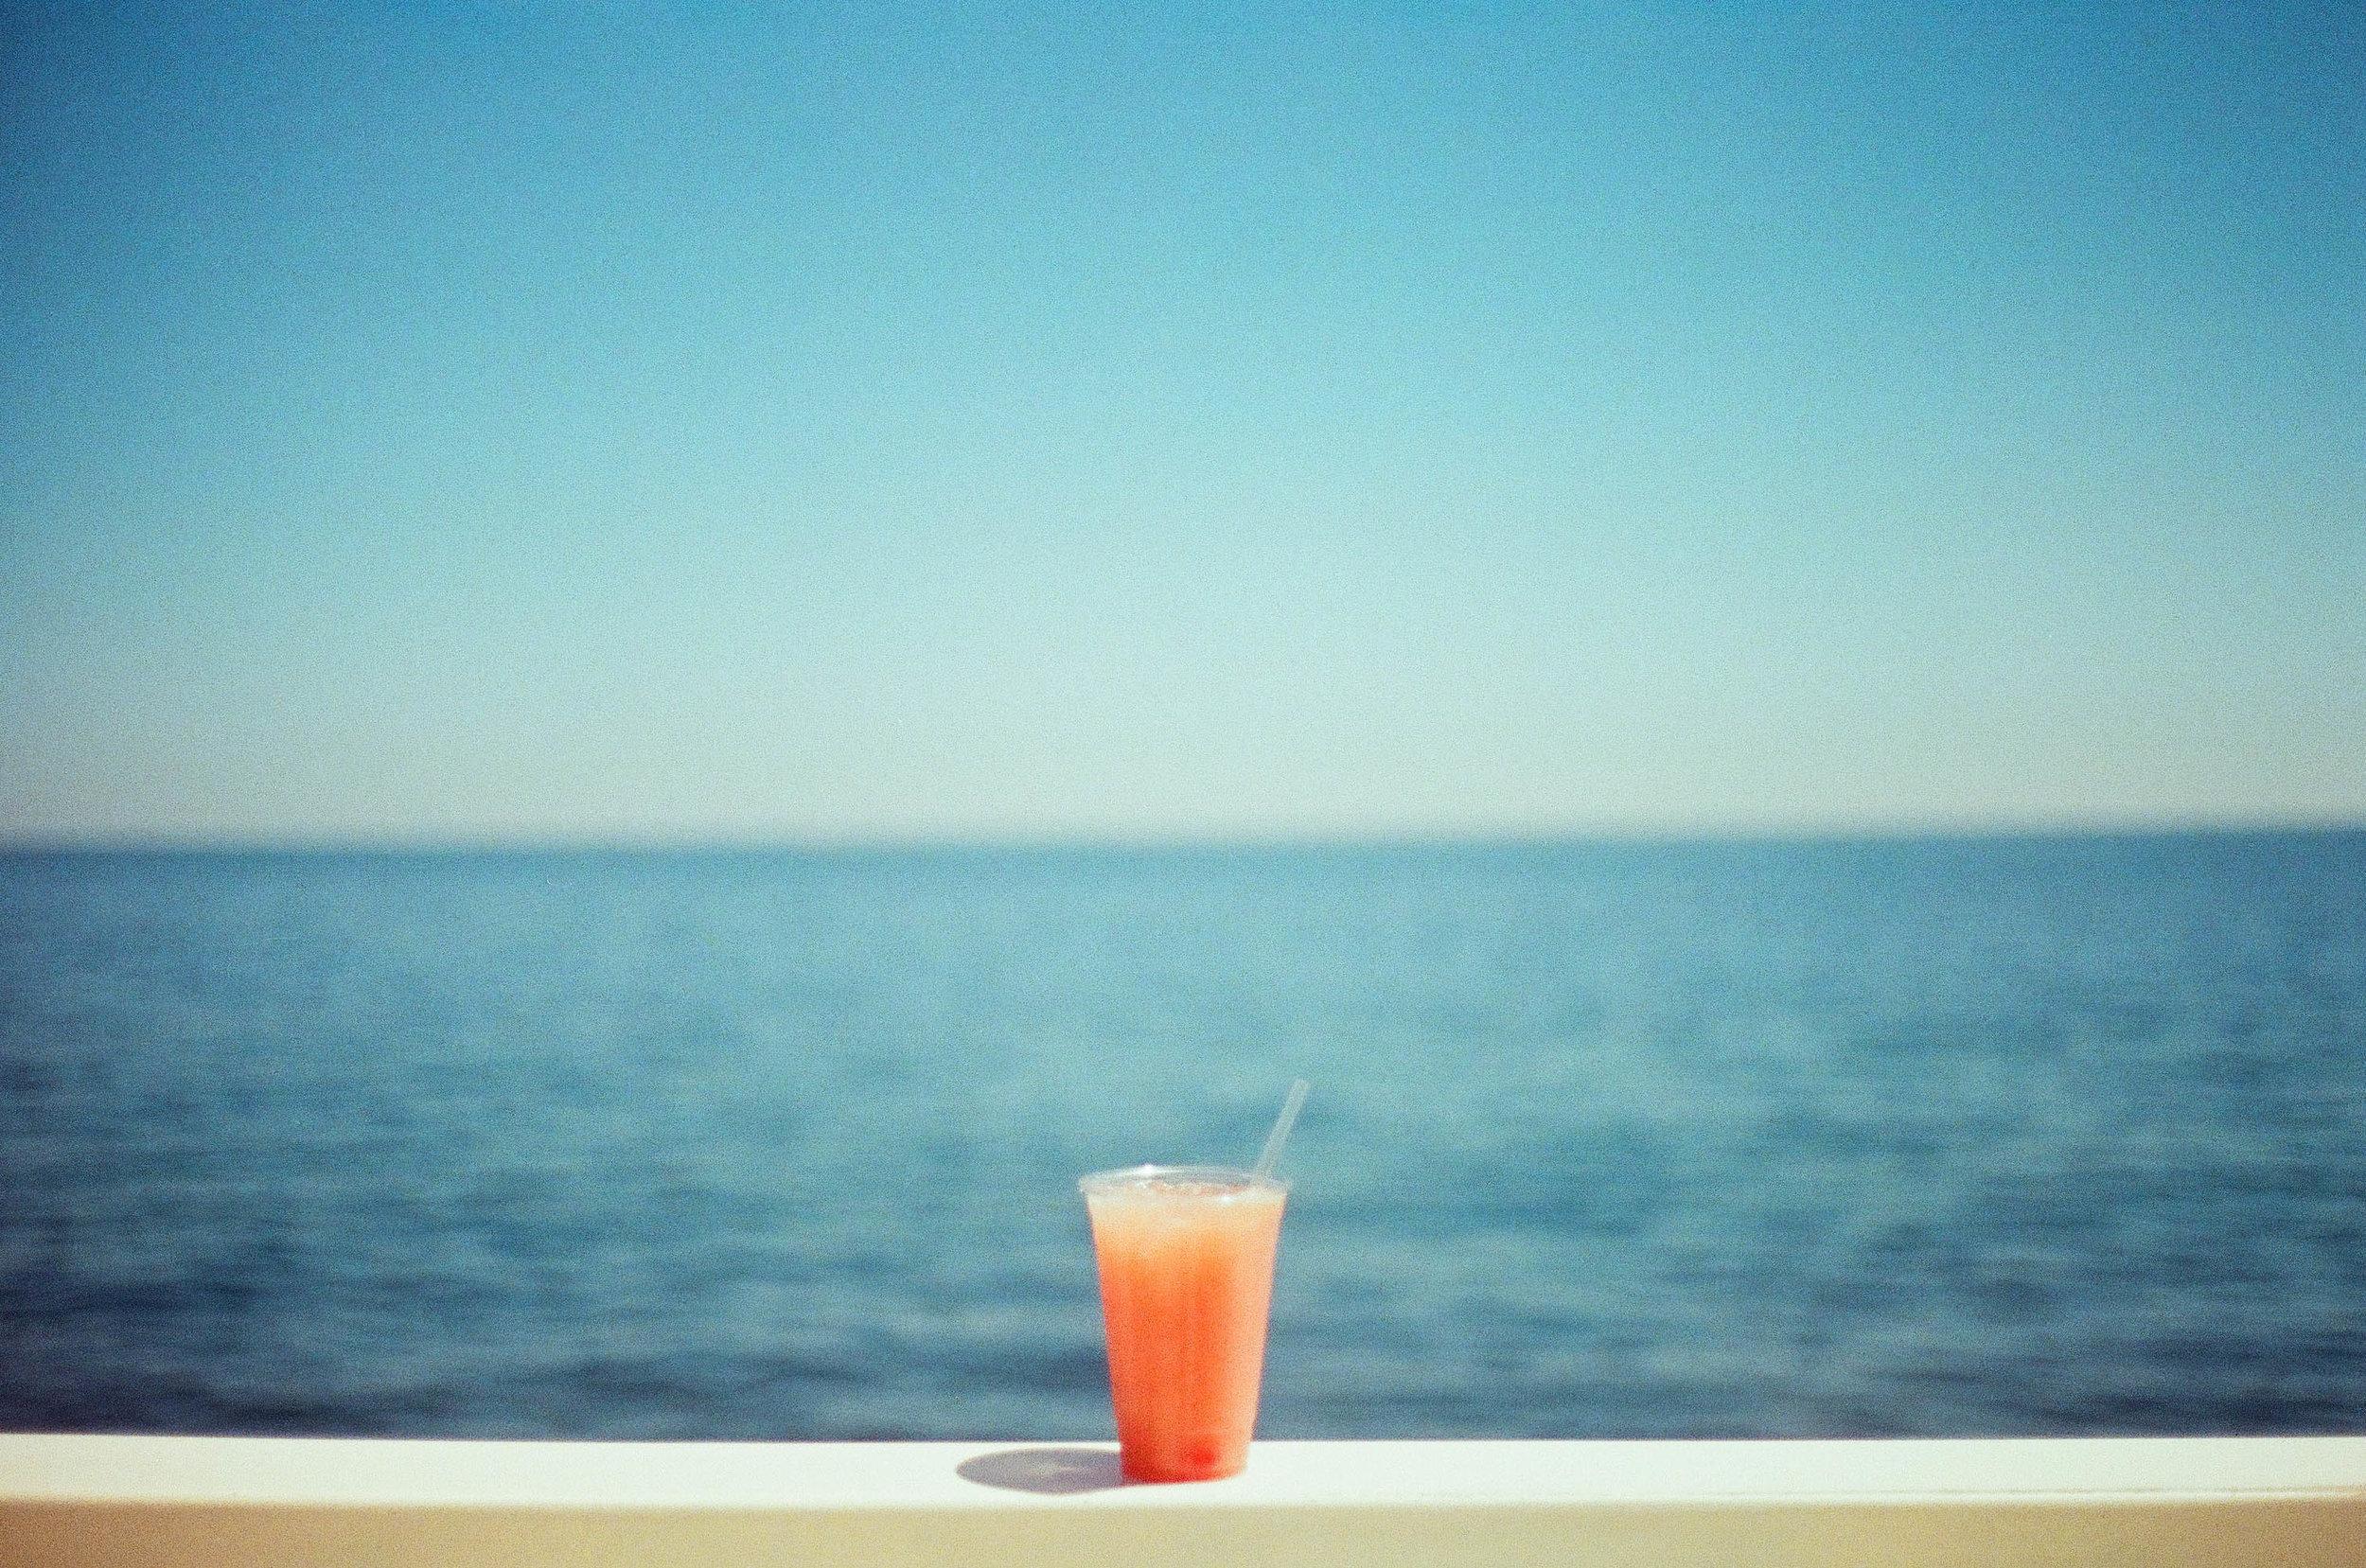 rum-punch-35mm.jpg